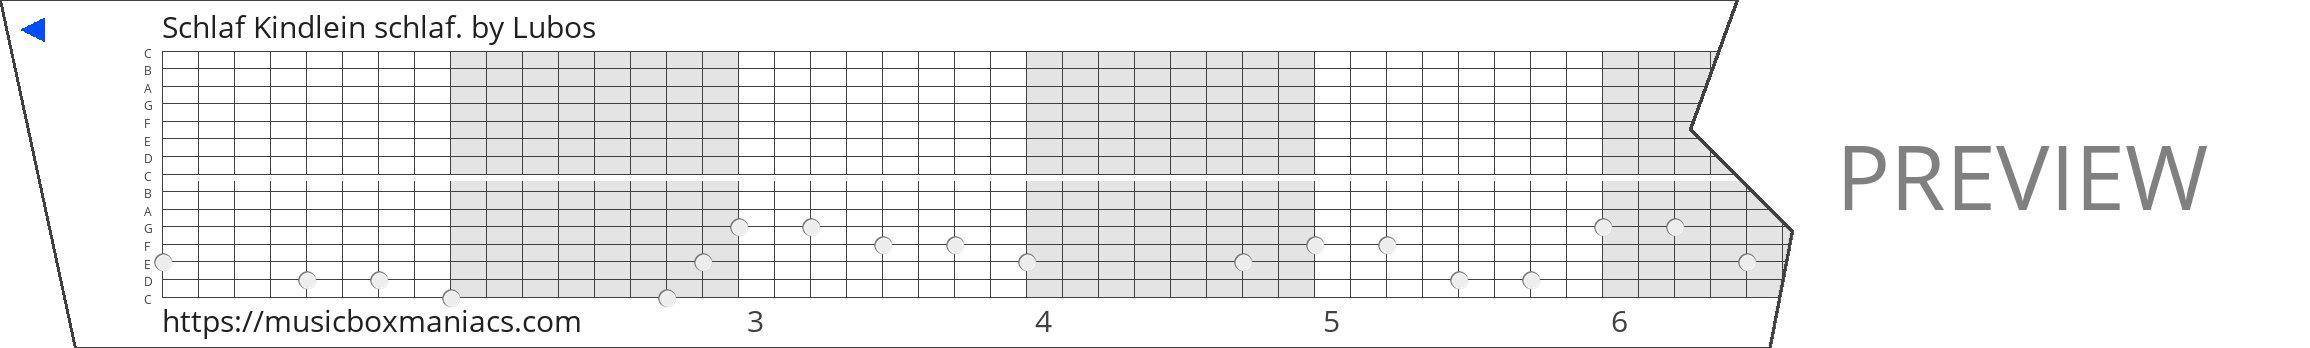 Schlaf Kindlein schlaf. 15 note music box paper strip